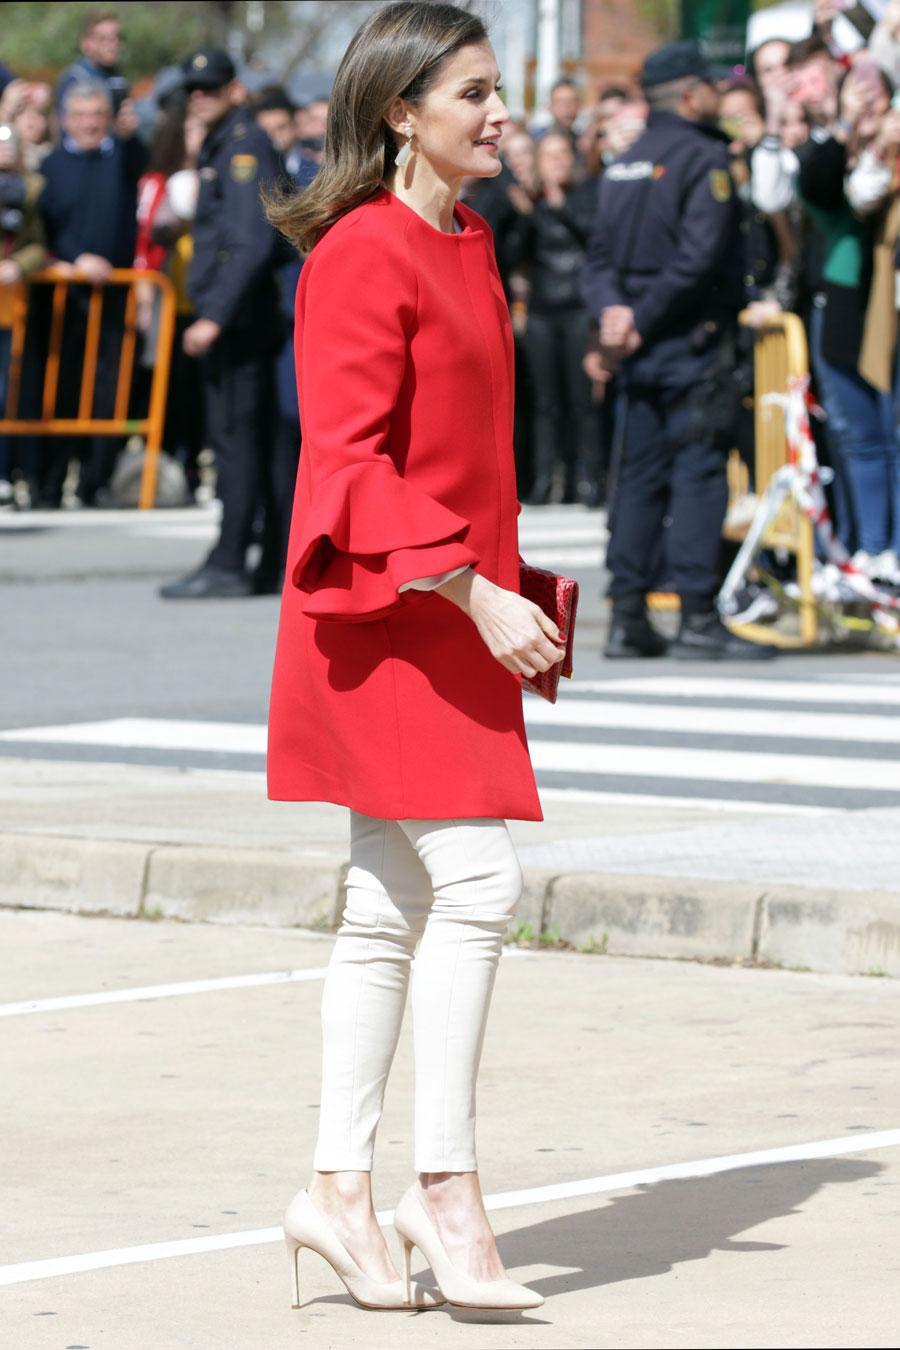 Sonar con mujer con abrigo rojo